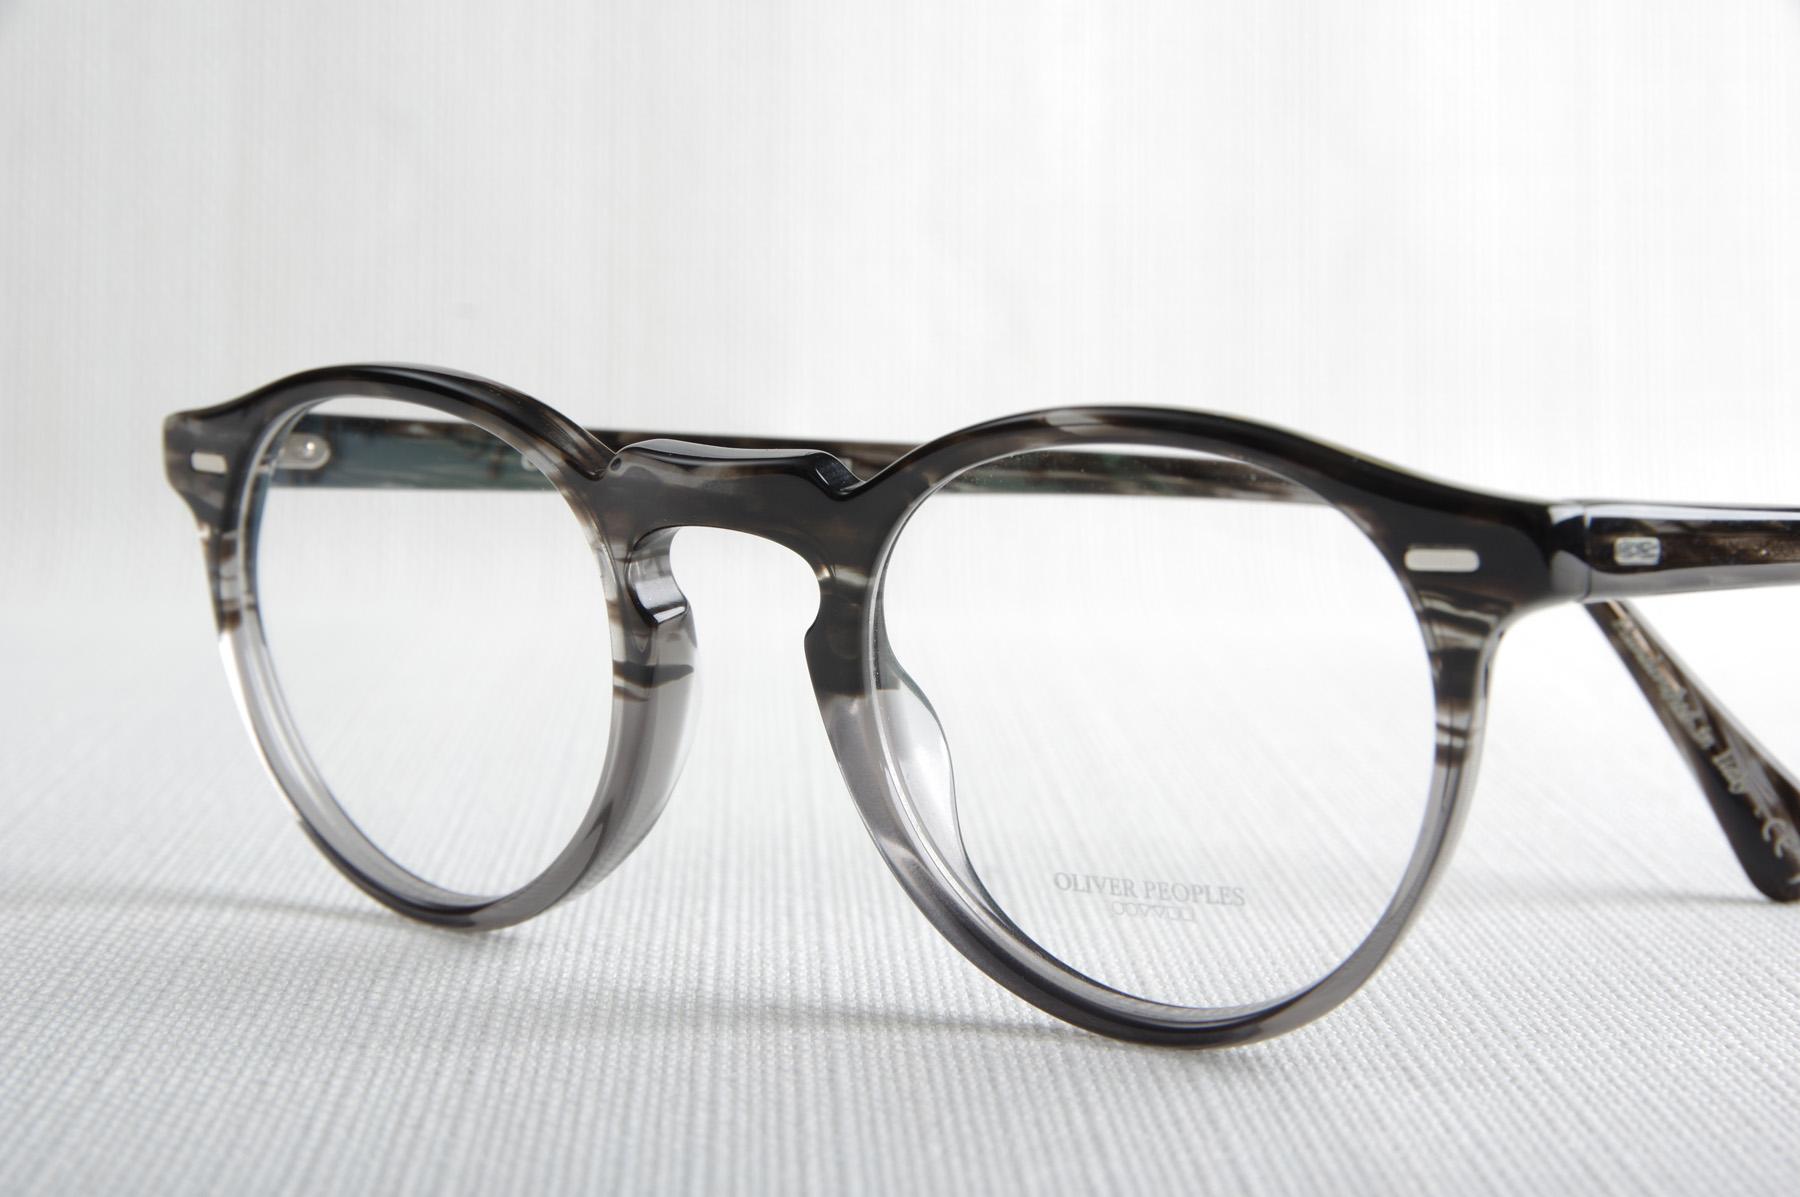 ... Où acheter des lunettes rondes à proximité de Le Havre 76 Trouver des  lunettes vintage OLIVER PEOPLES ... e457a4cec876